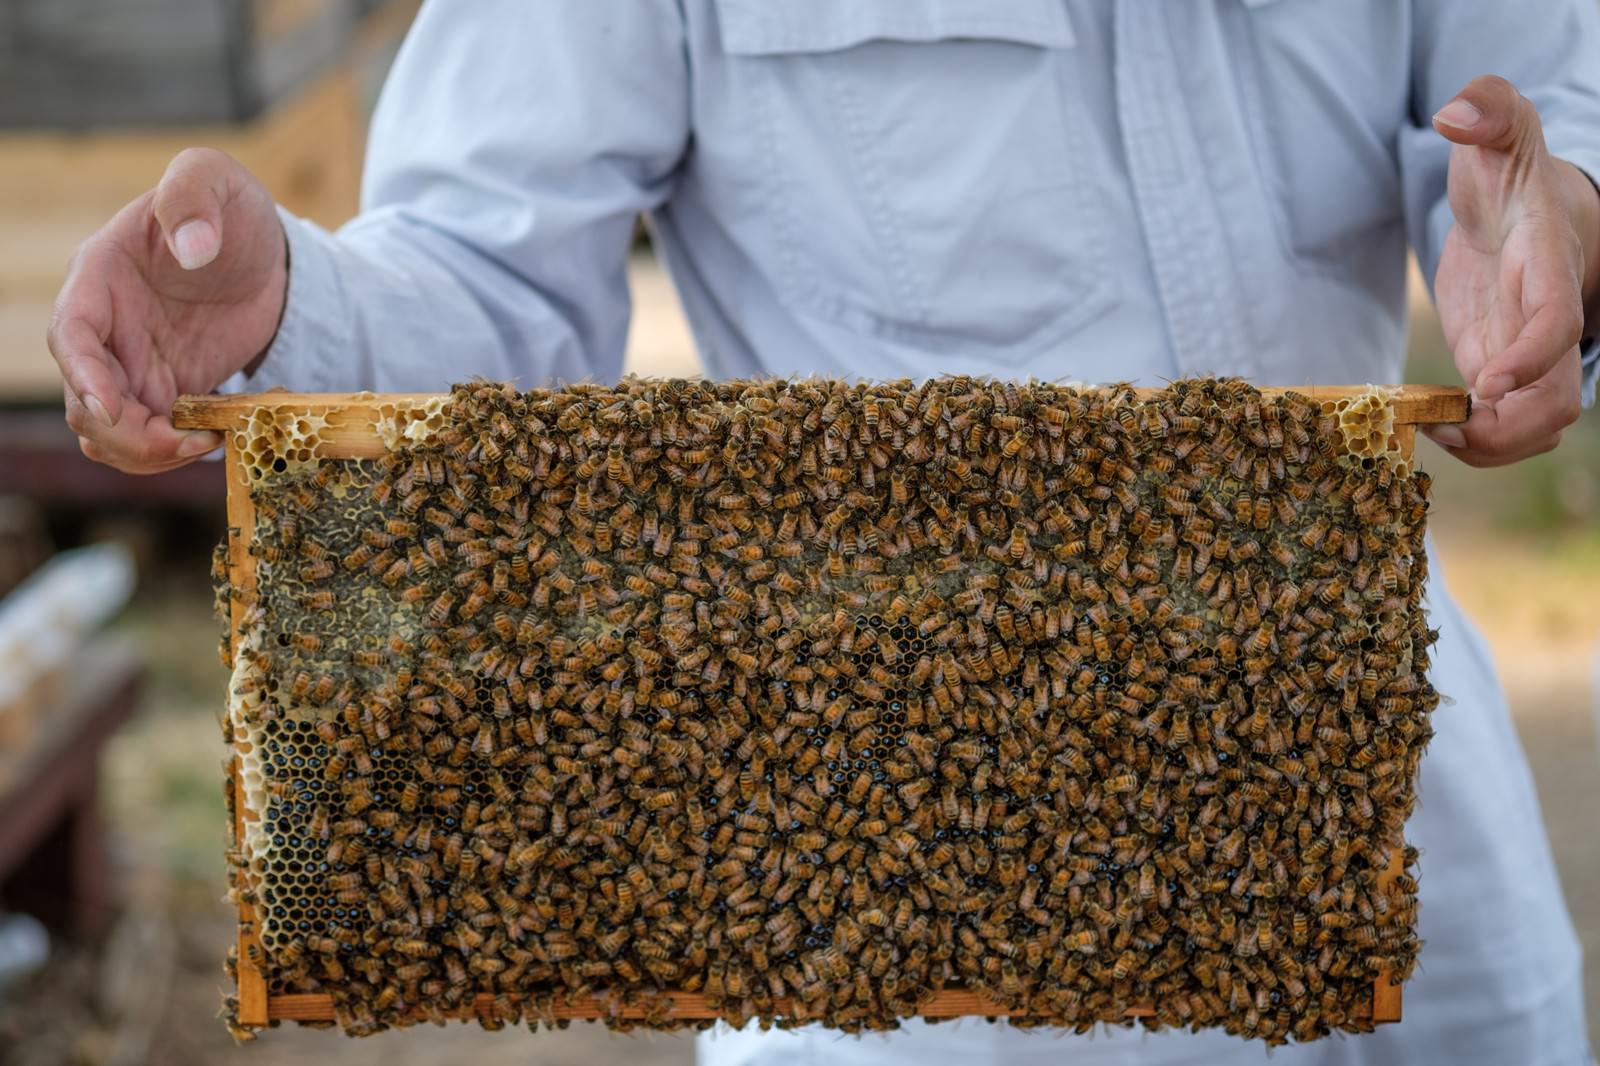 「蜜の溜まっている巣板にビッシリのミツバチ」の写真